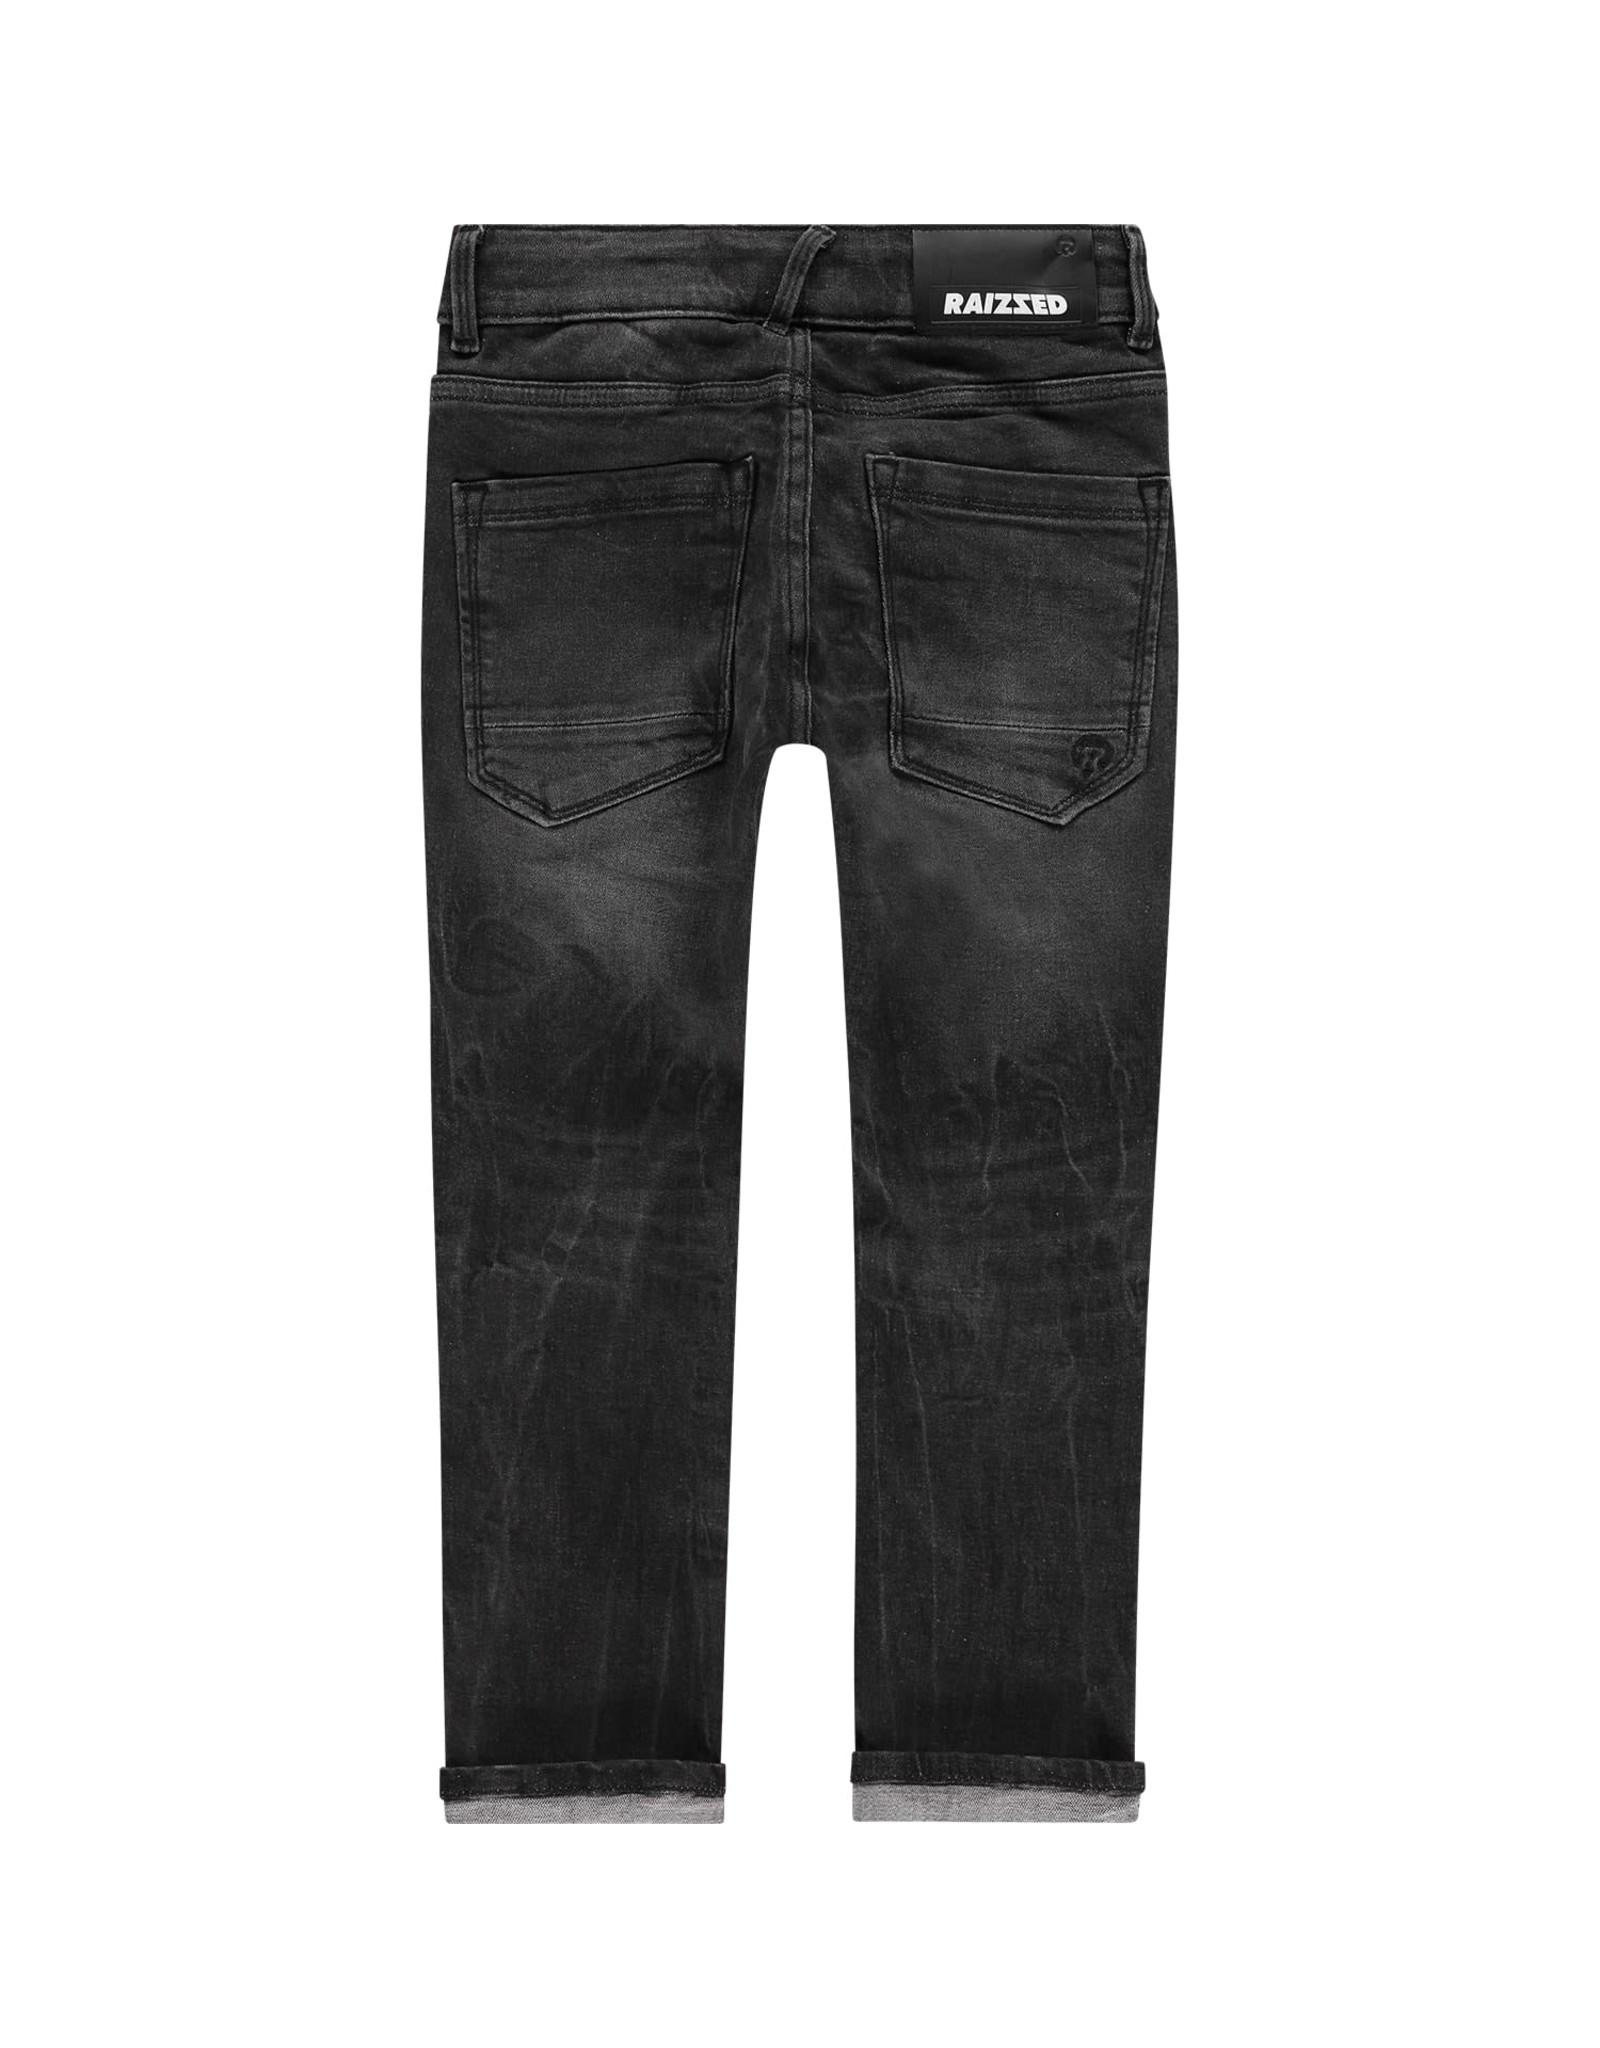 Raizzed Raizzed jongens jeans Boston Black W20